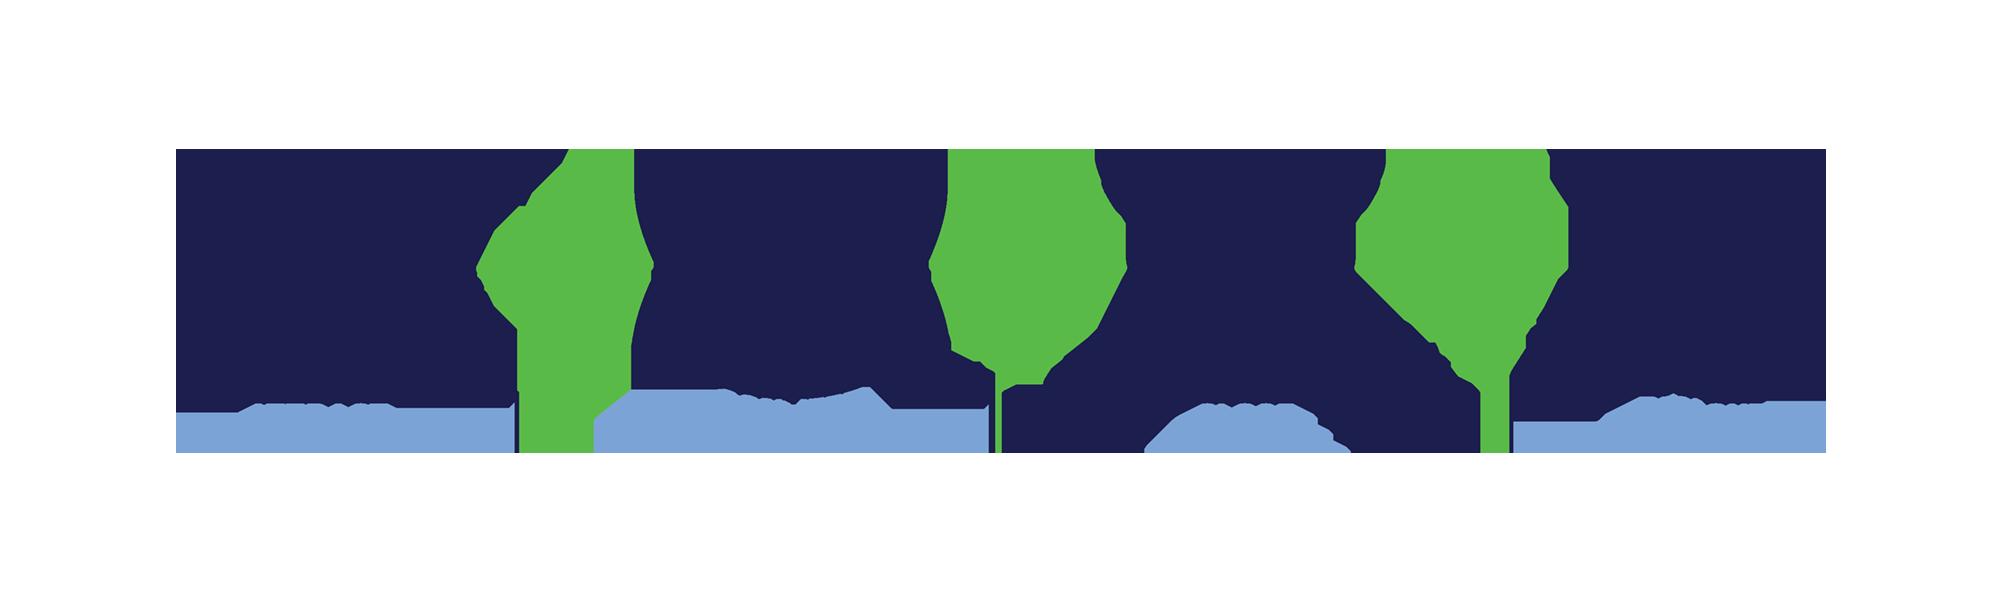 inbound_marketing_convert-1